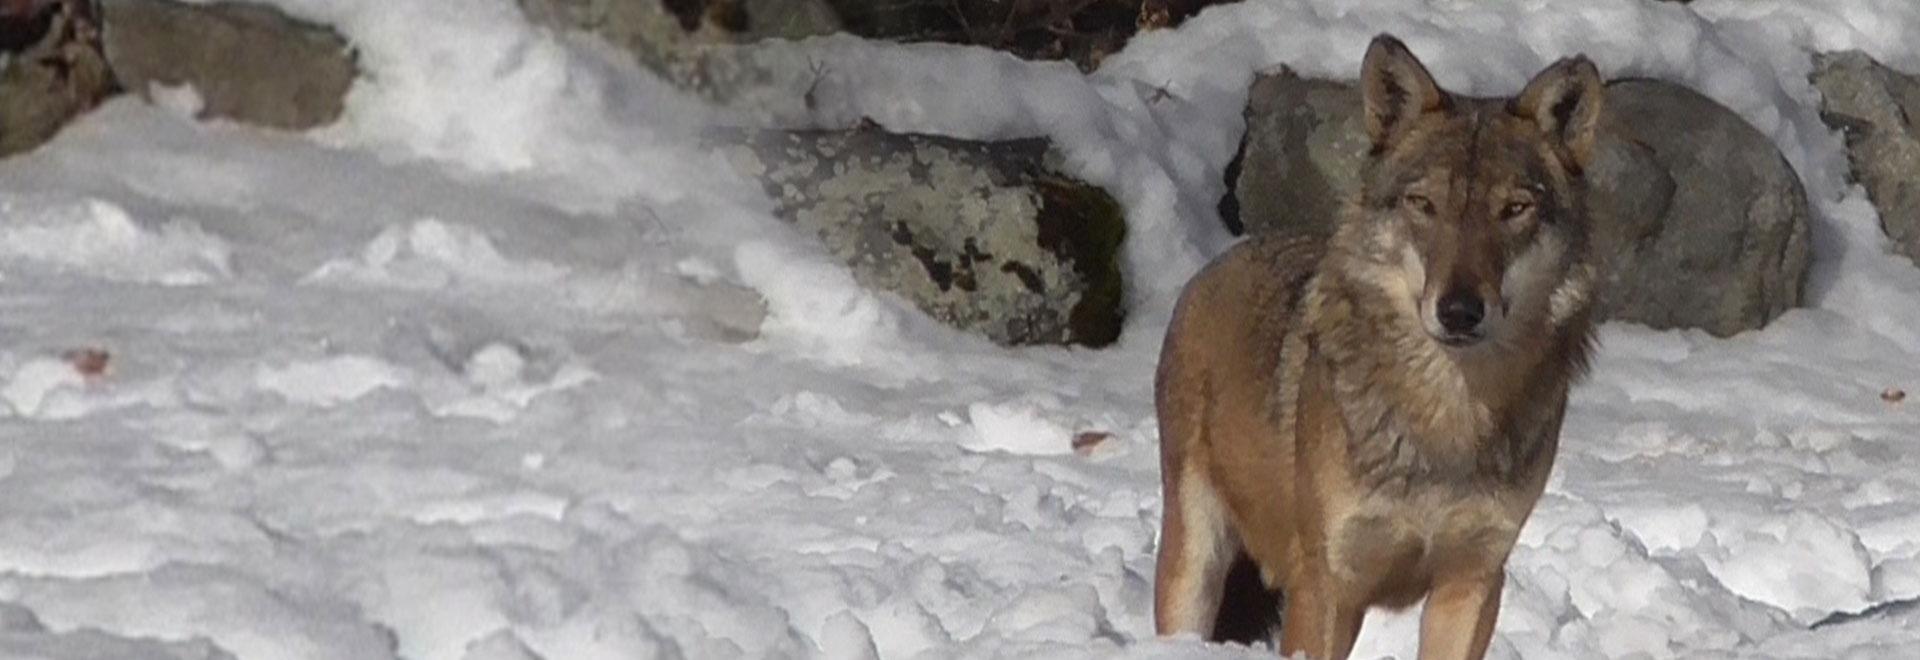 Uomini e lupi sulle Alpi in 10 domande